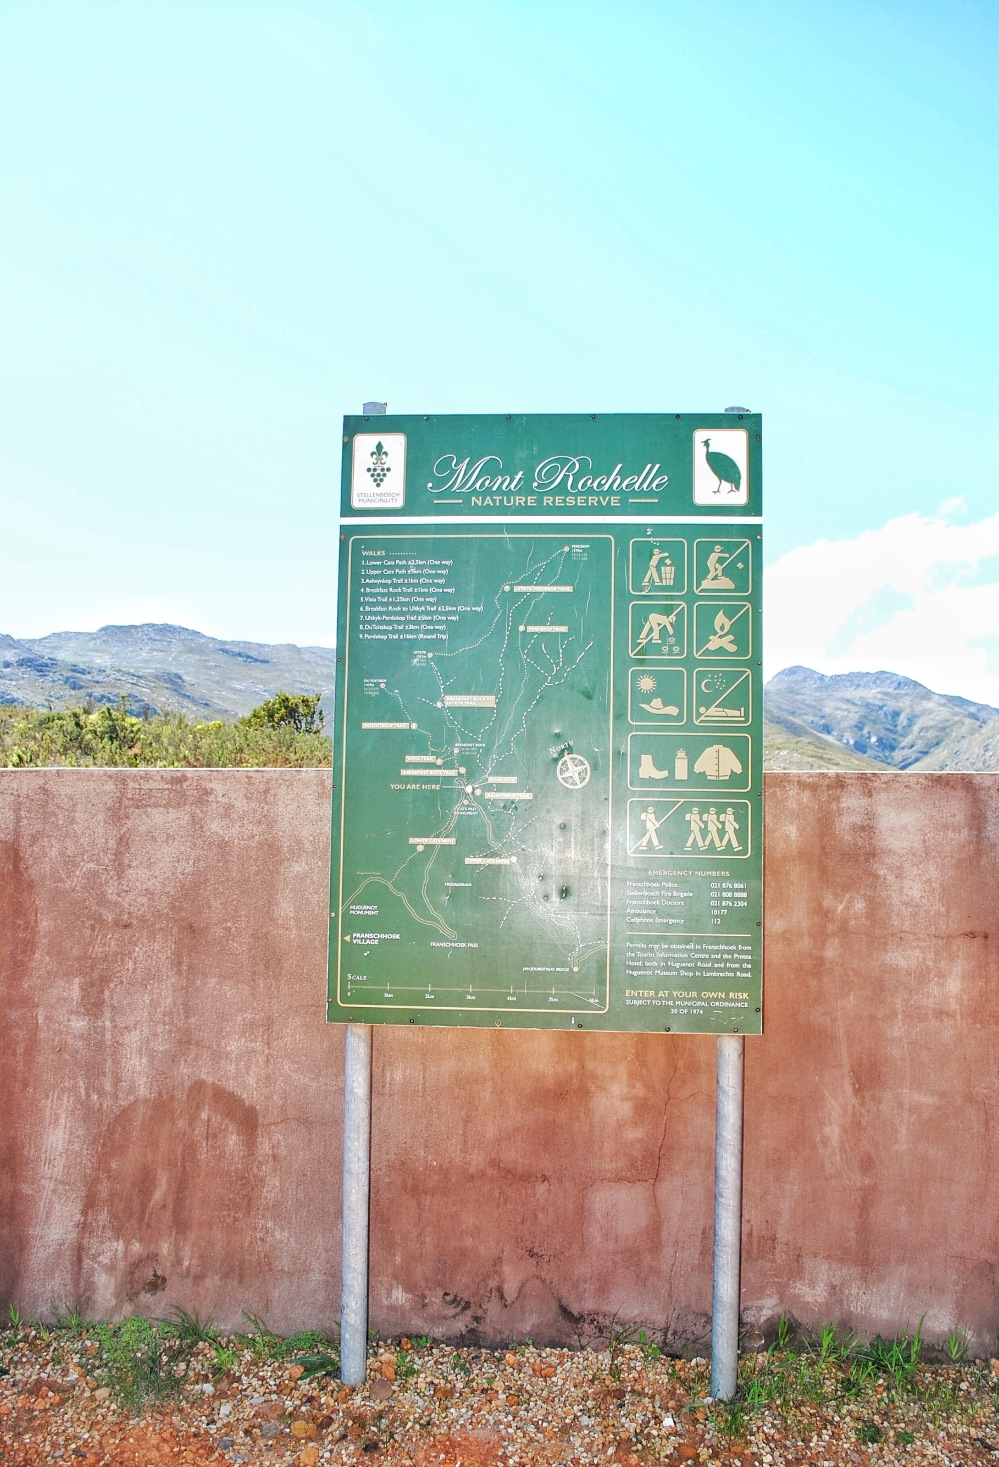 Mont Rochelle Nature Reserve